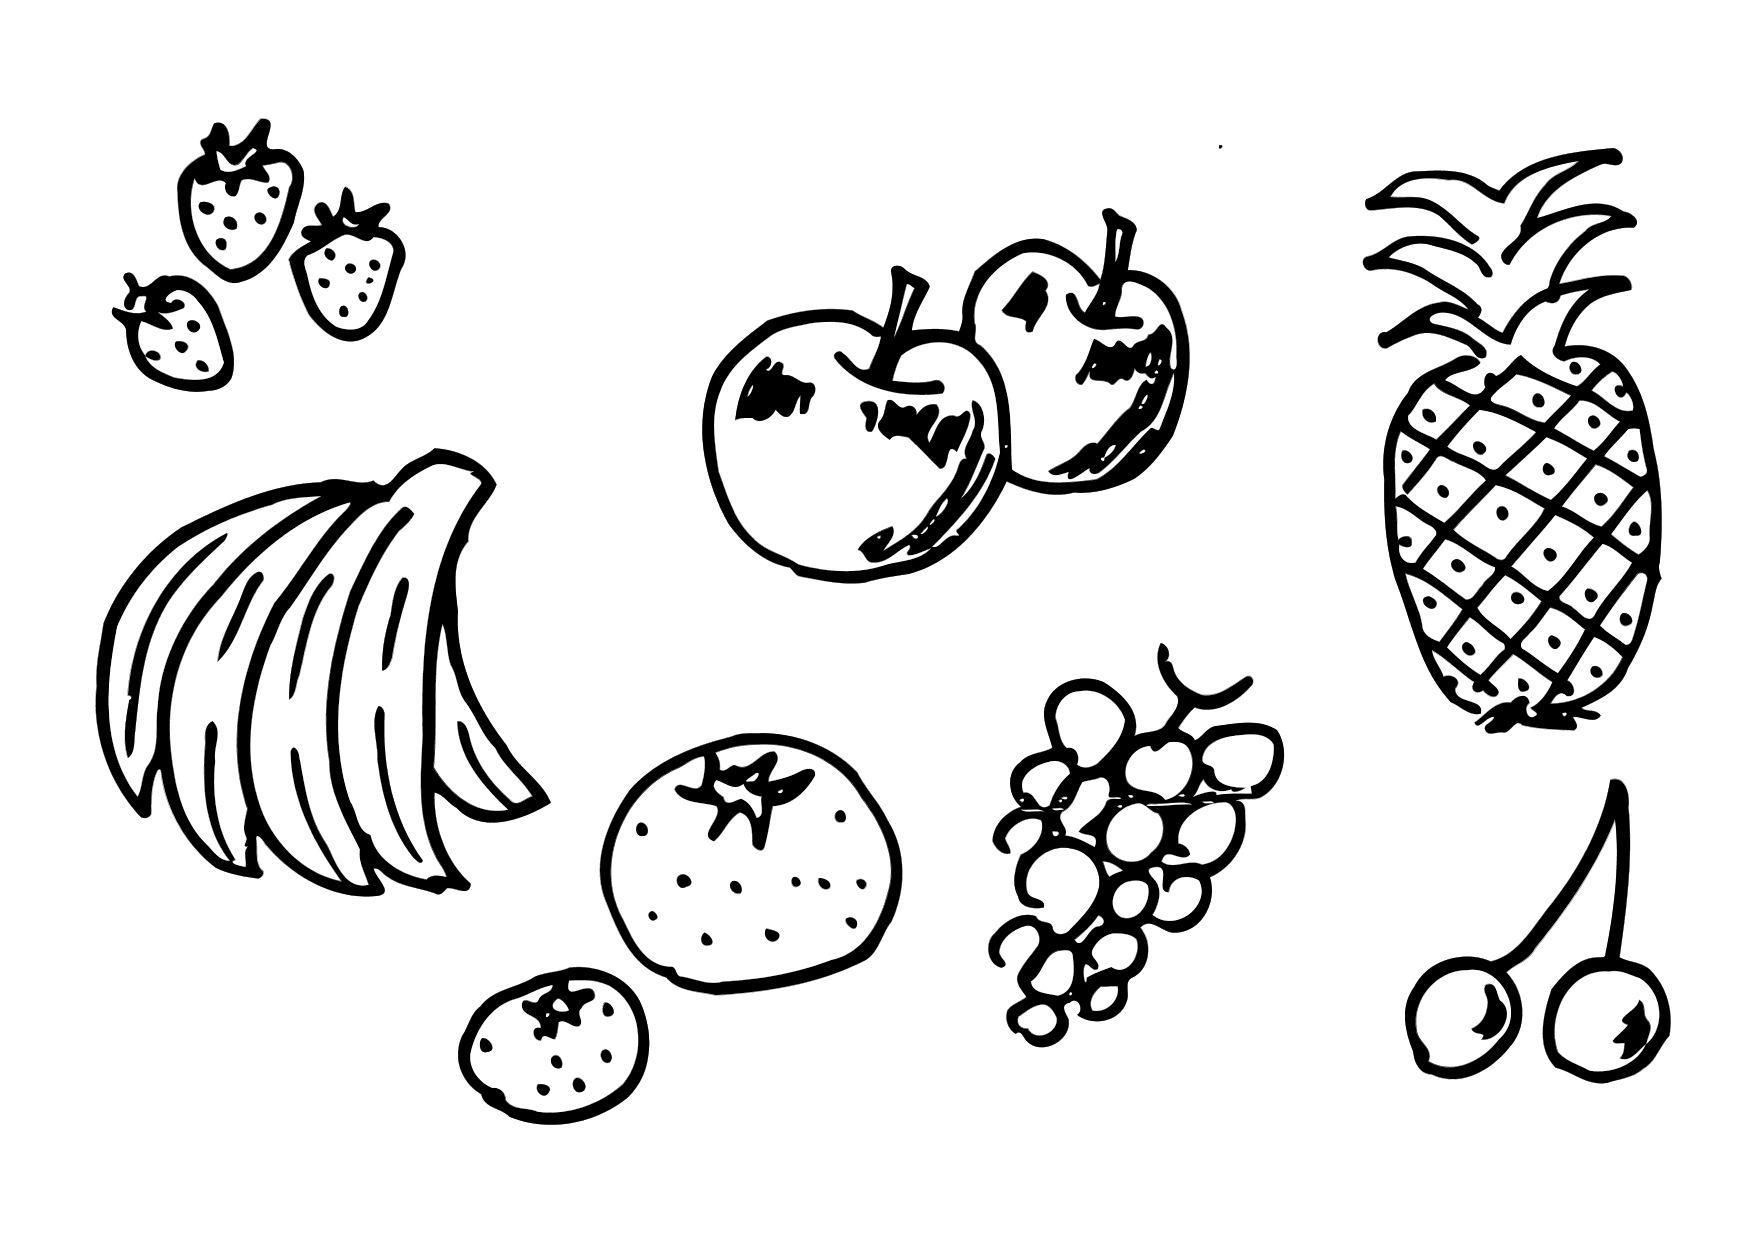 Gemütlich Früchte Malvorlagen Pdf Fotos - Druckbare Malvorlagen ...